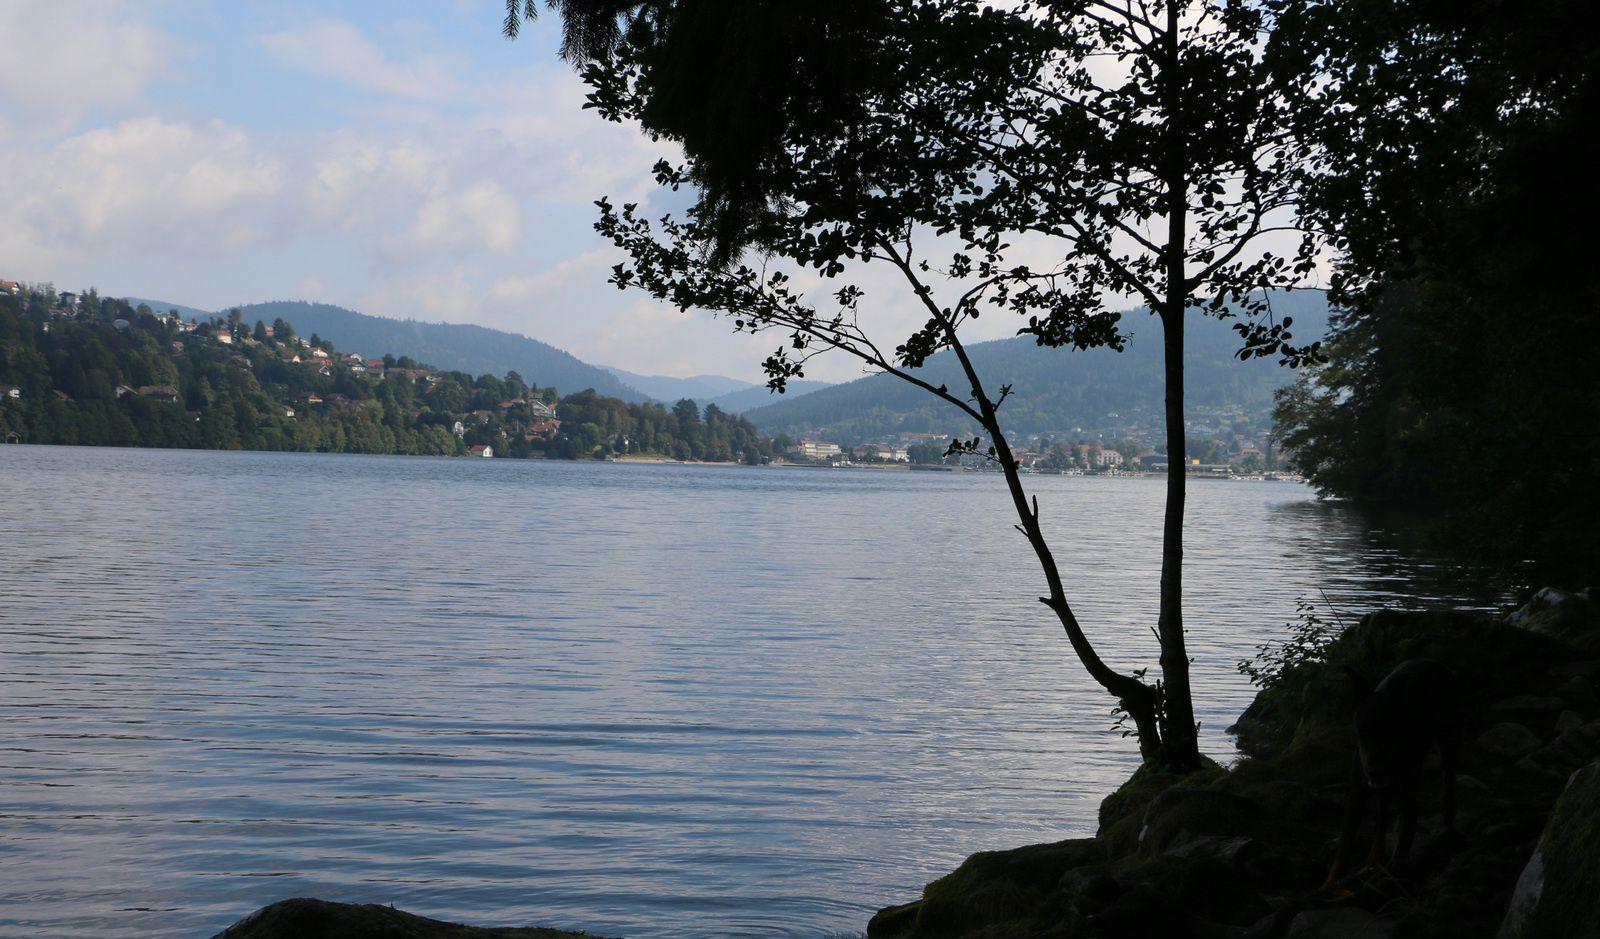 Vue de l'extrémité du lac de Gérardmer, la ville en fond d'image.